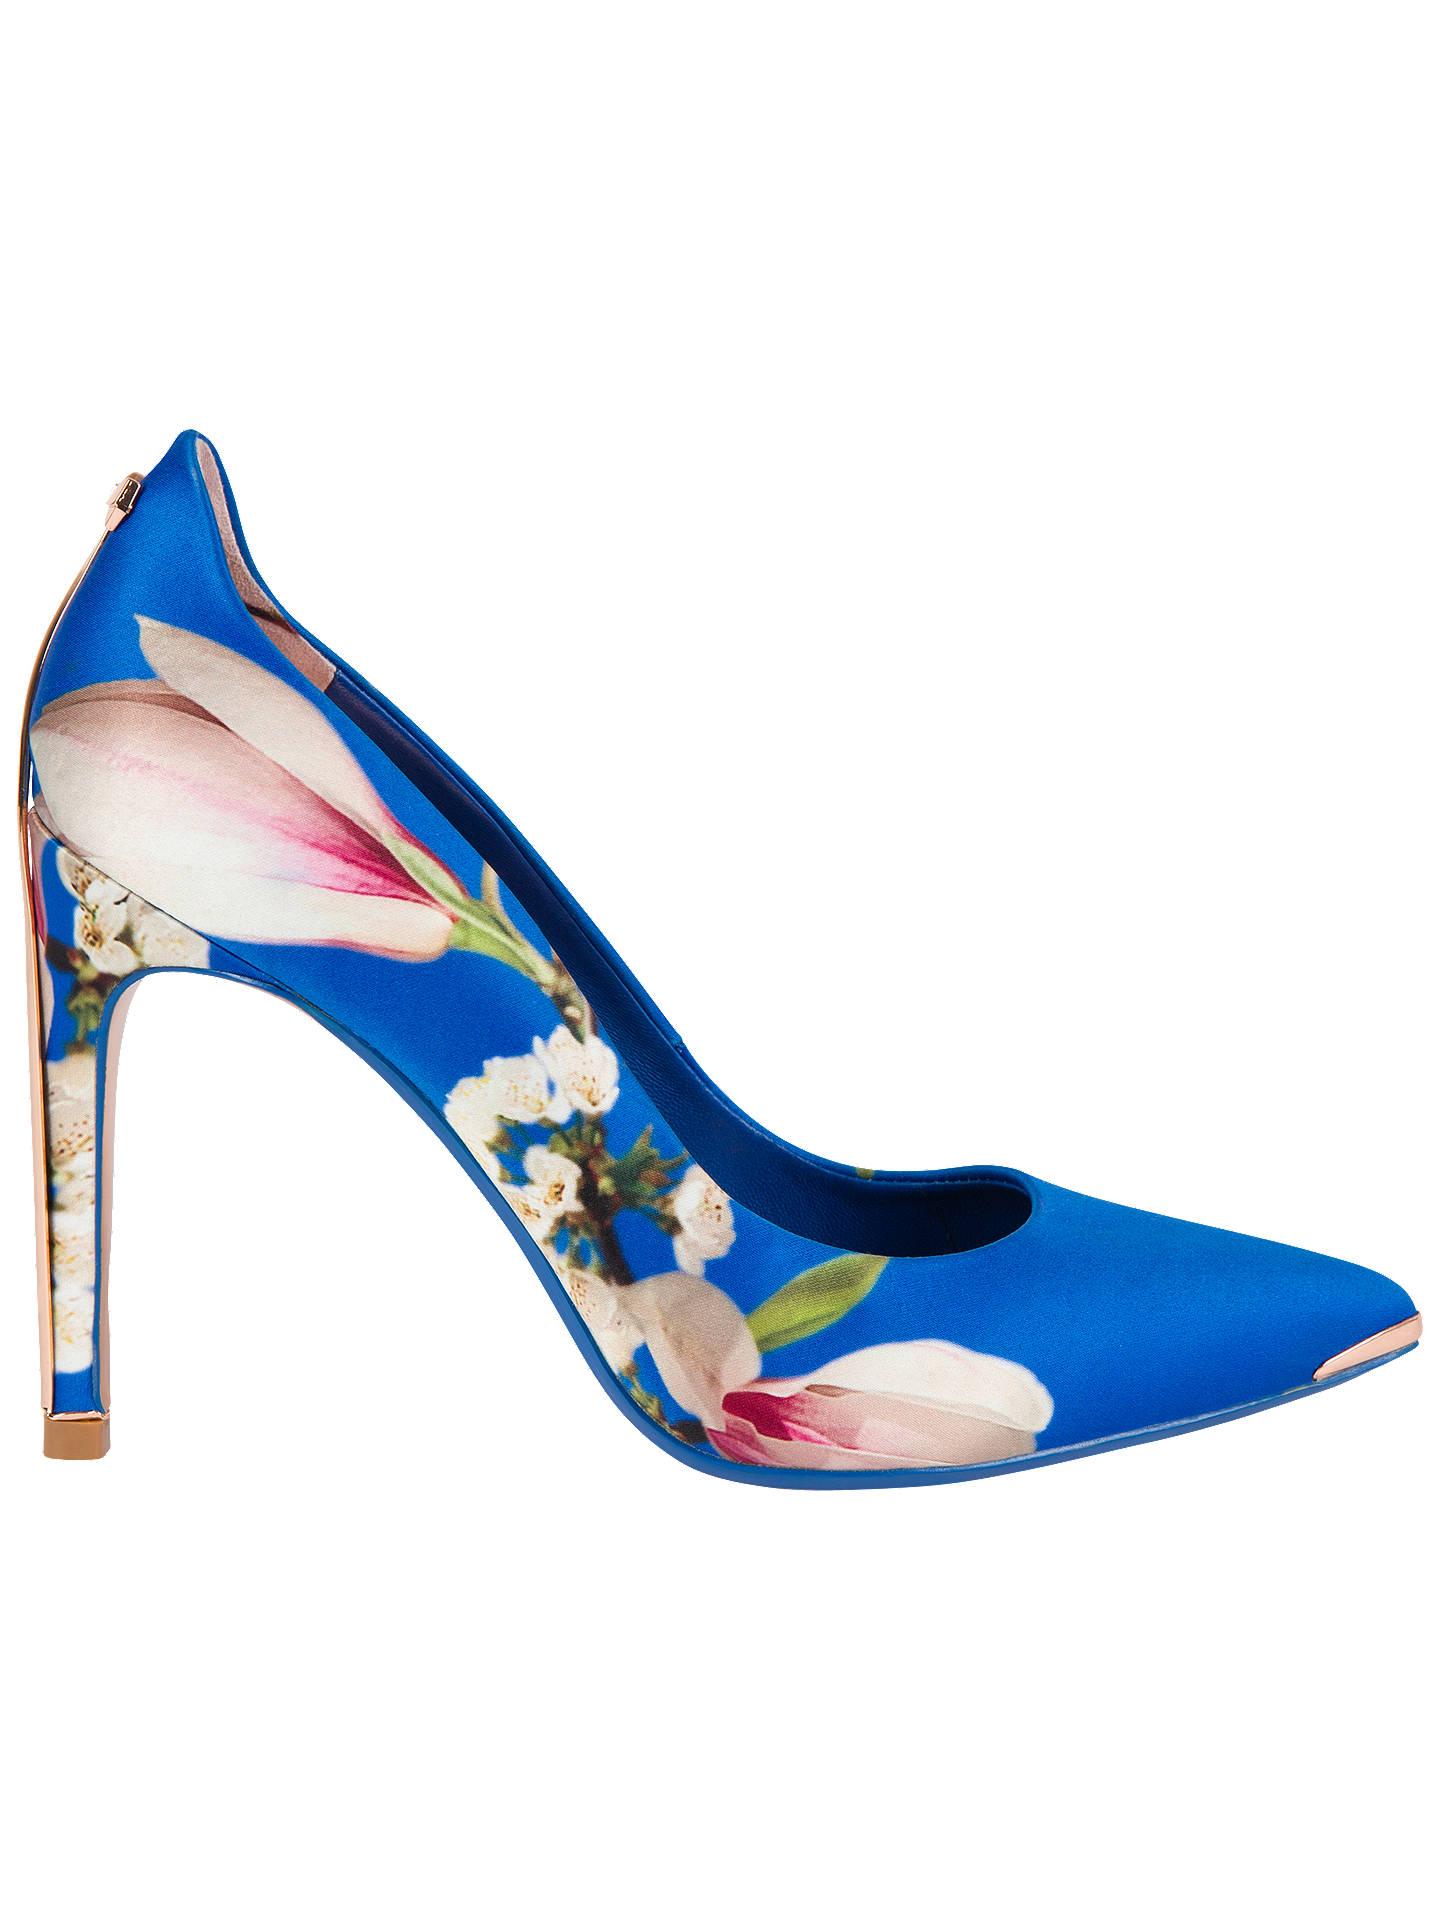 9e38e3a5a Buy Ted Baker Hallden Textile Heel Court Shoes